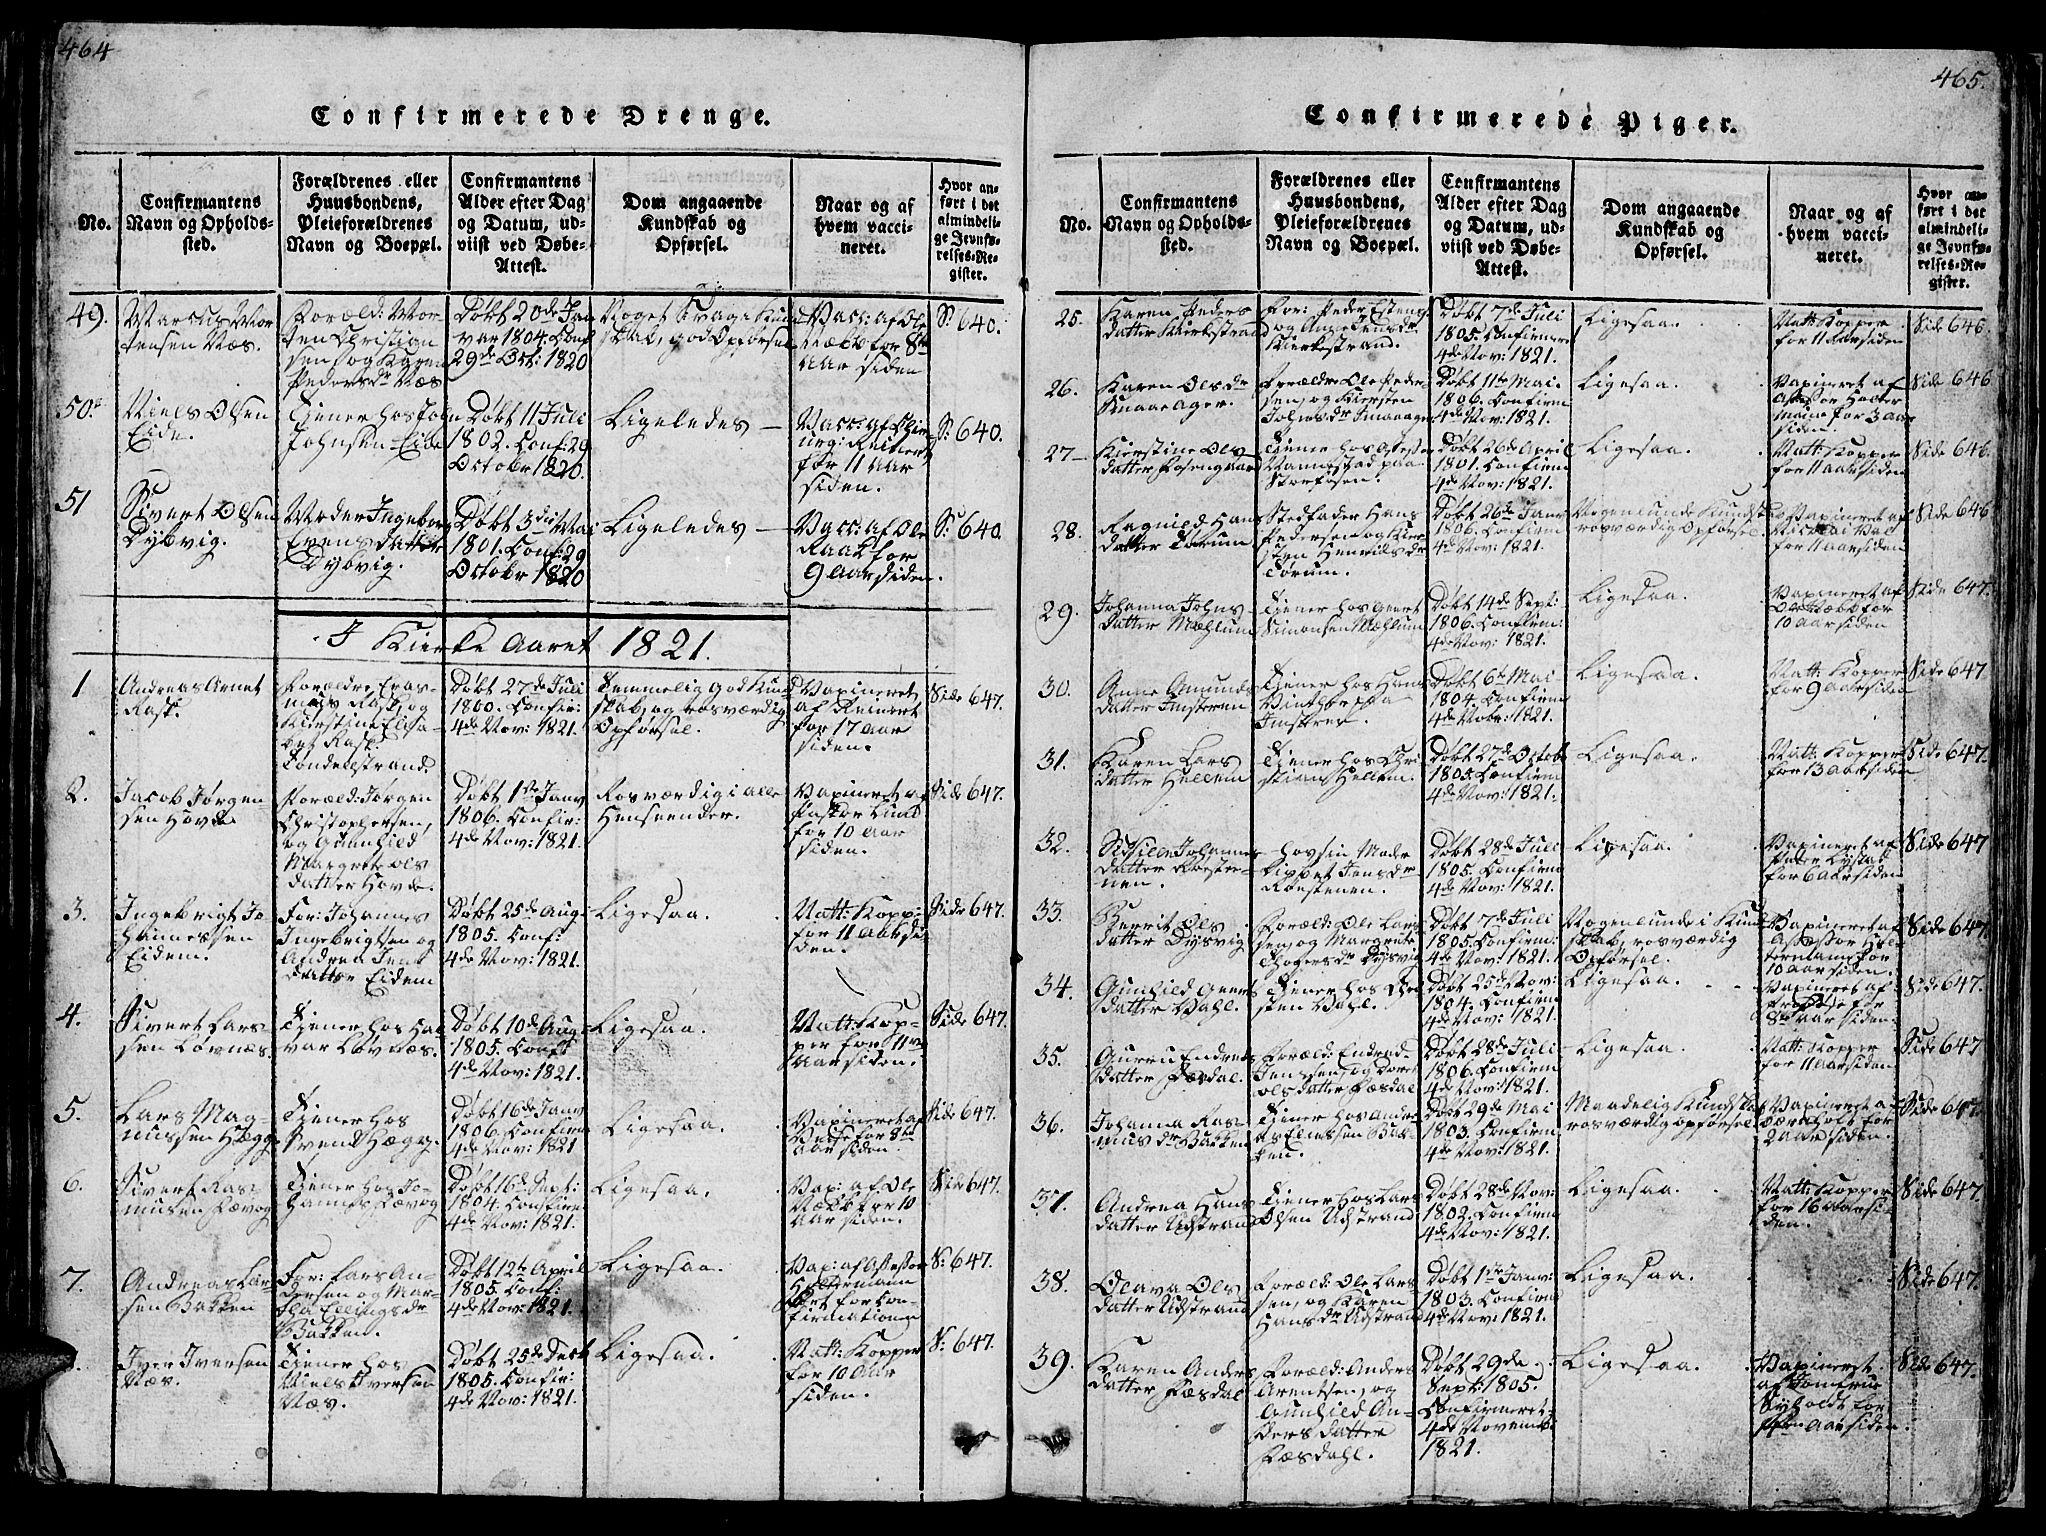 SAT, Ministerialprotokoller, klokkerbøker og fødselsregistre - Sør-Trøndelag, 659/L0744: Klokkerbok nr. 659C01, 1818-1825, s. 464-465